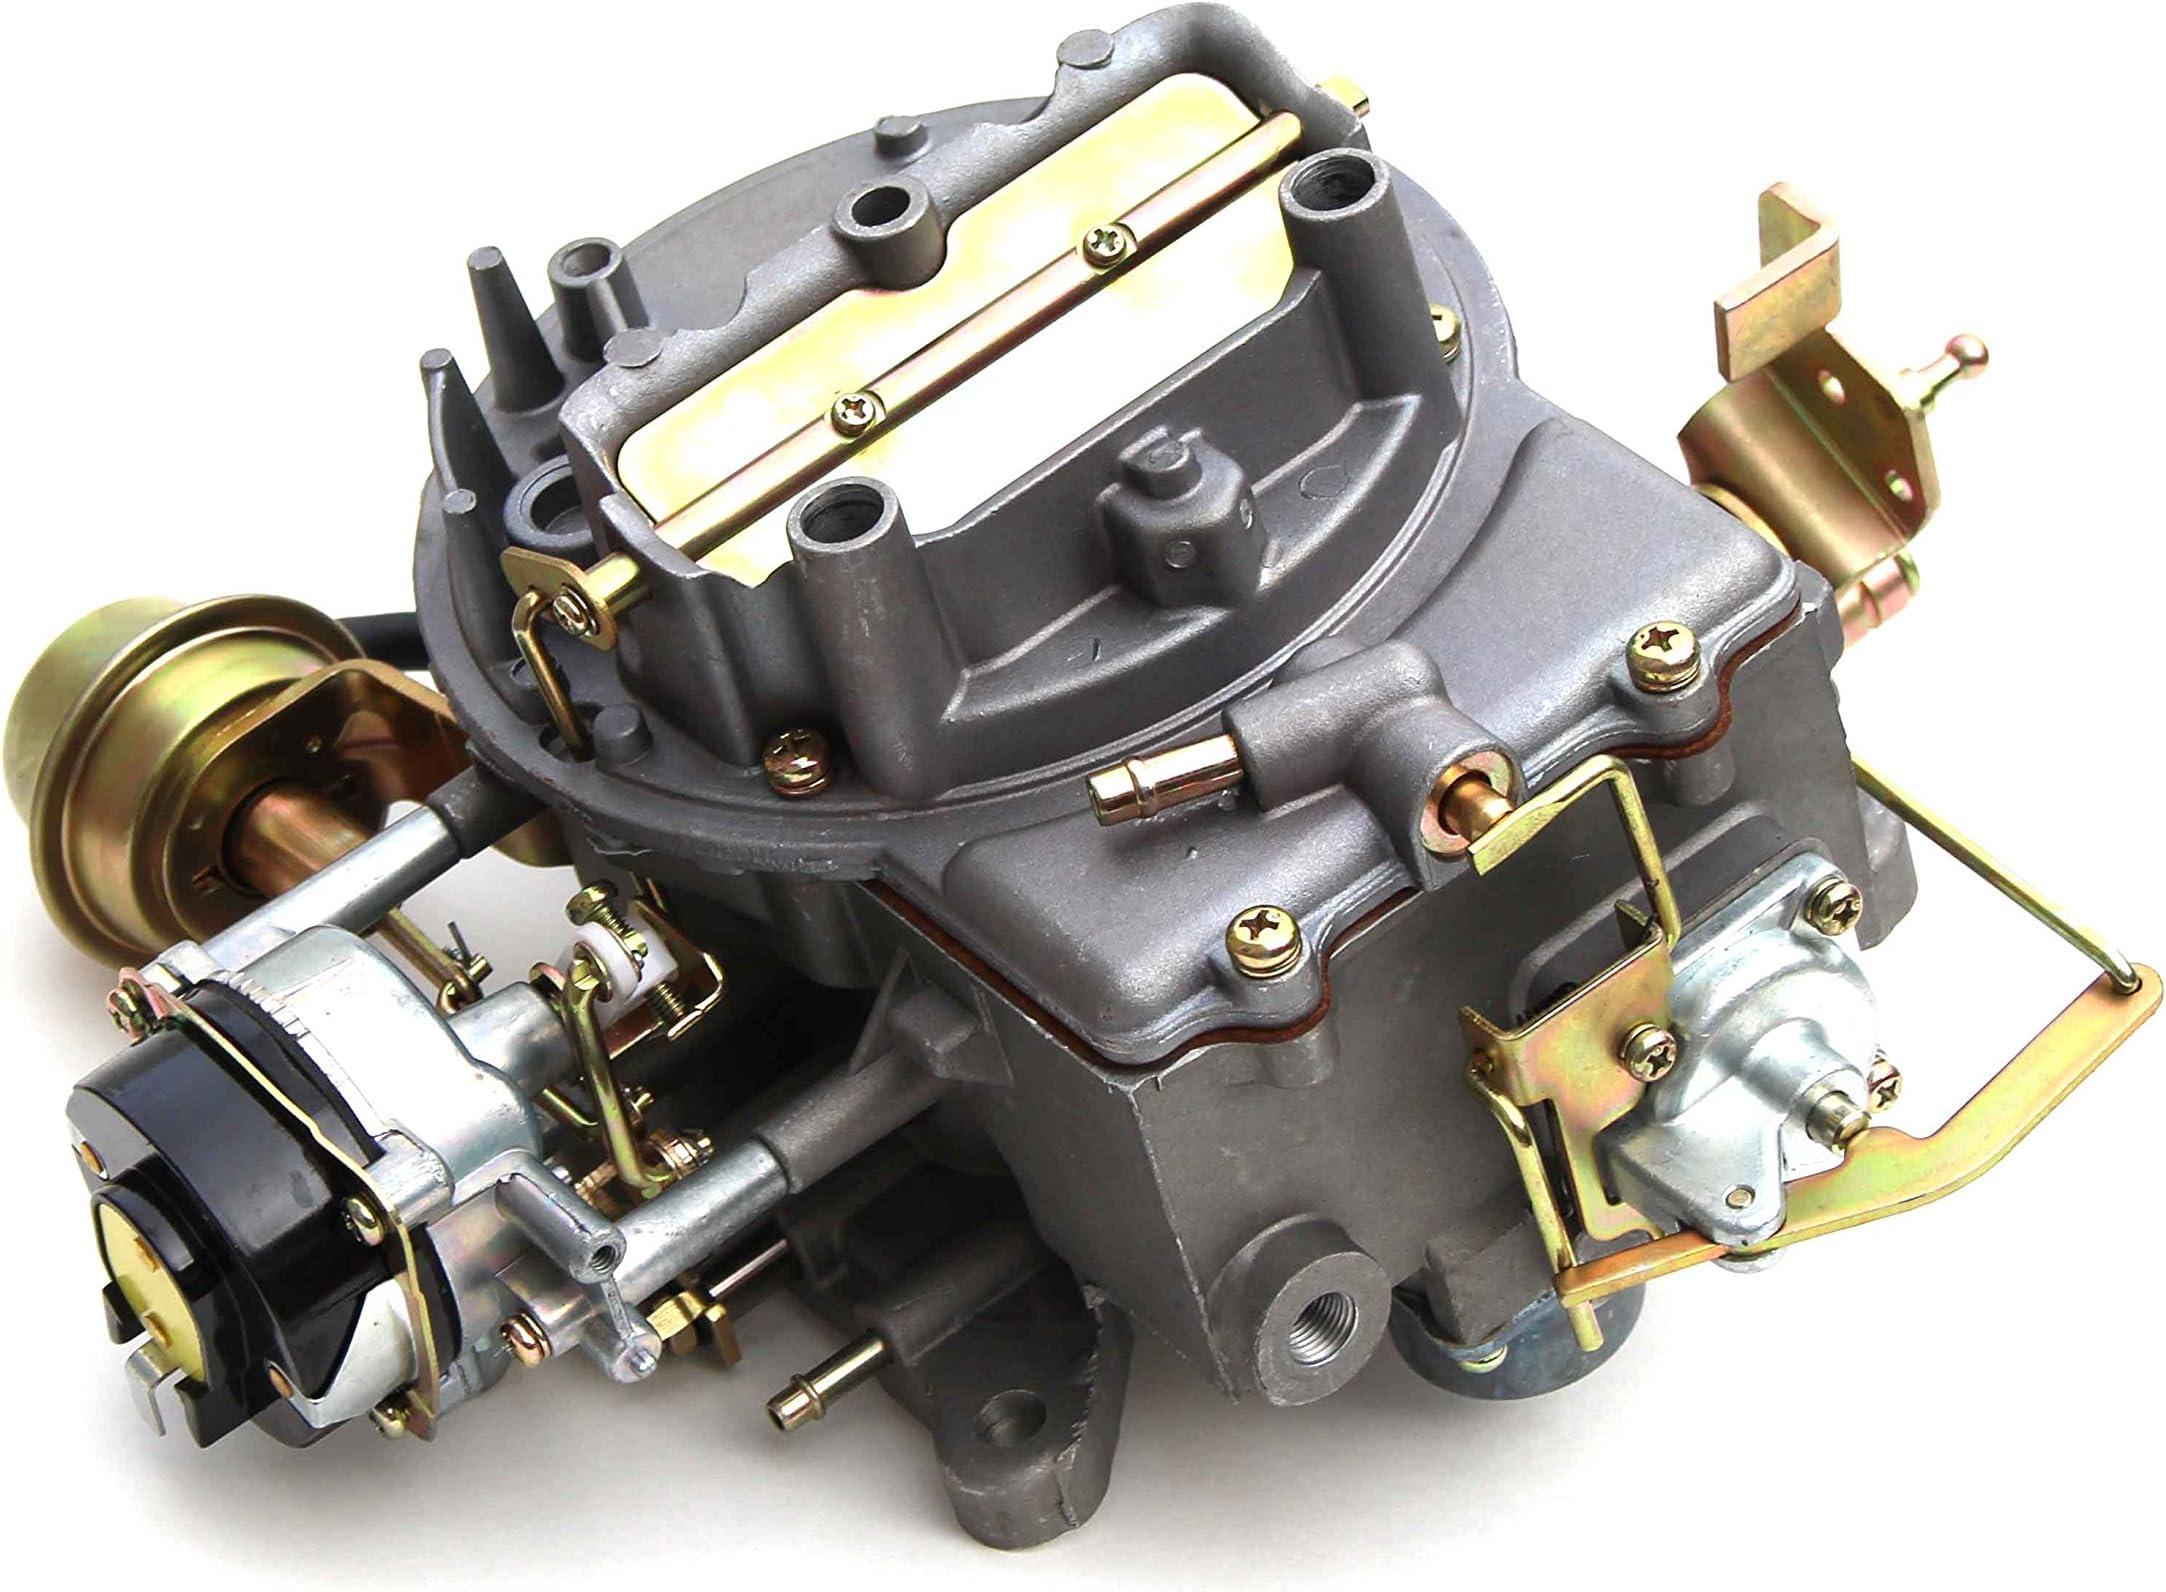 amazon com carburetors carburetors \u0026 parts automotivenew carburetor two 2 barrel carburetor carb 2100 for ford 289 302 351 cu jeep engine